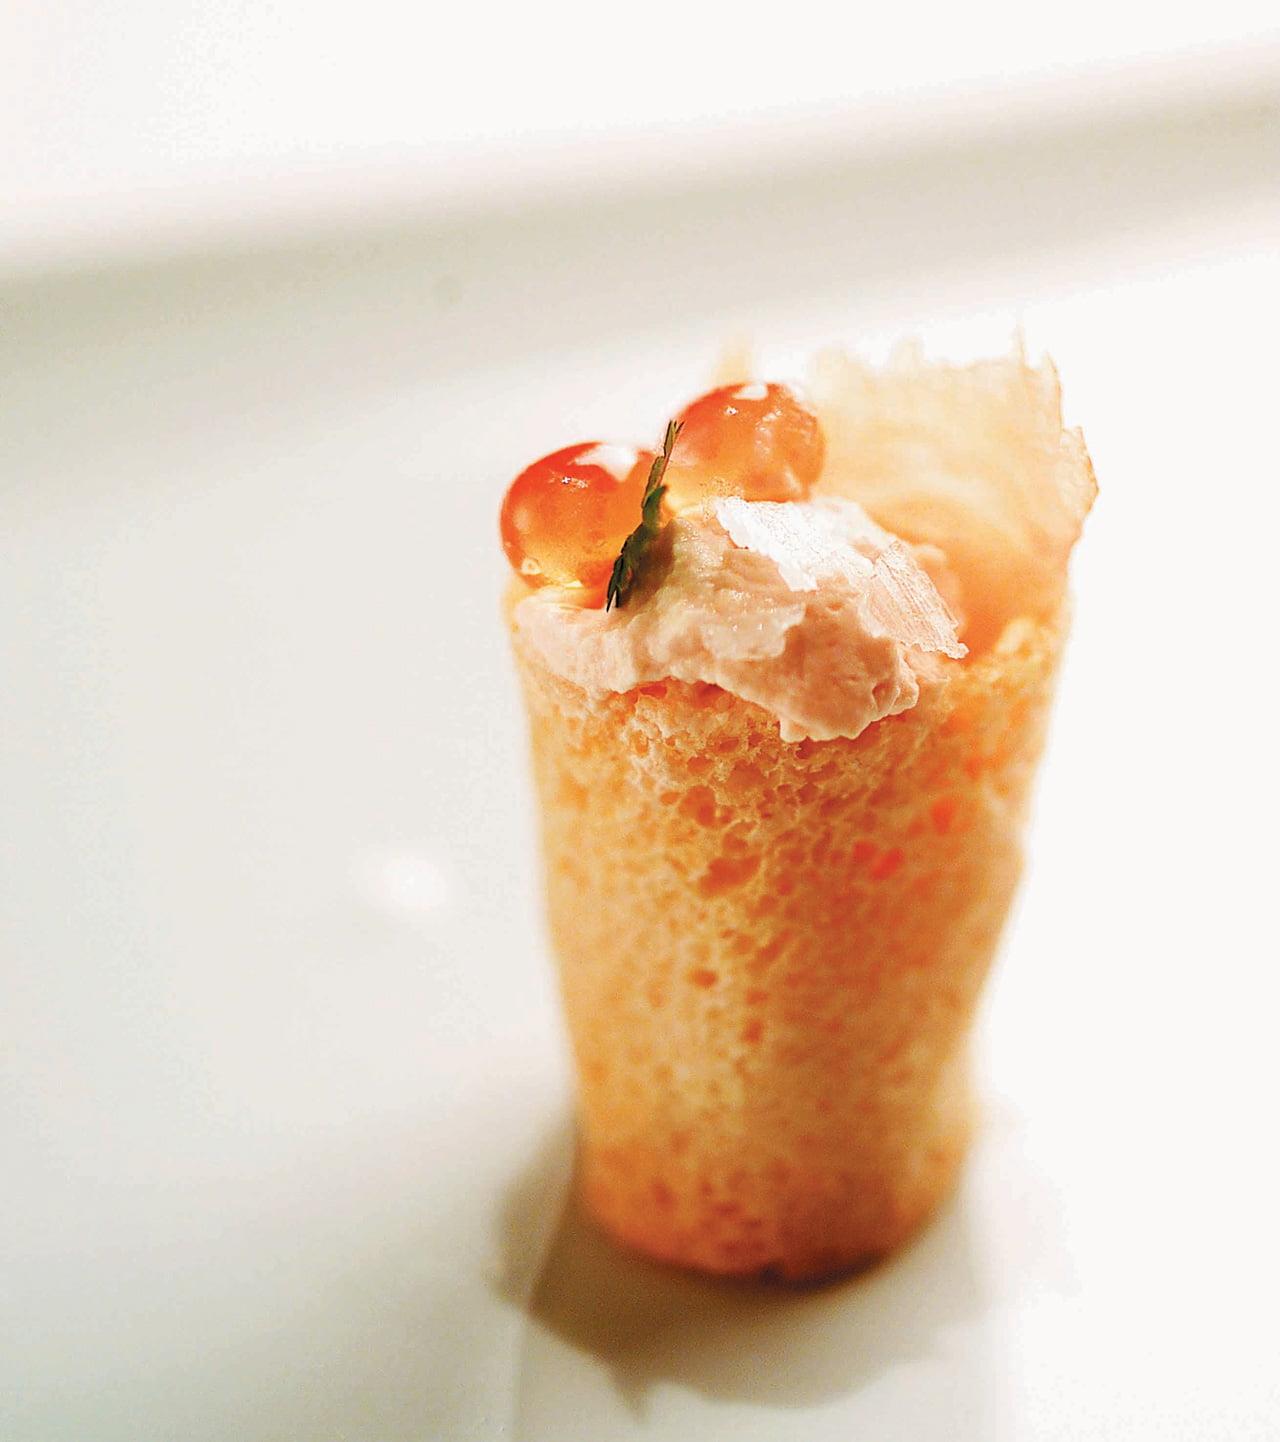 Lenço de espuma de Salmão Selvagem Real do Alasca fumado com Caviar de Salmão Selvagem